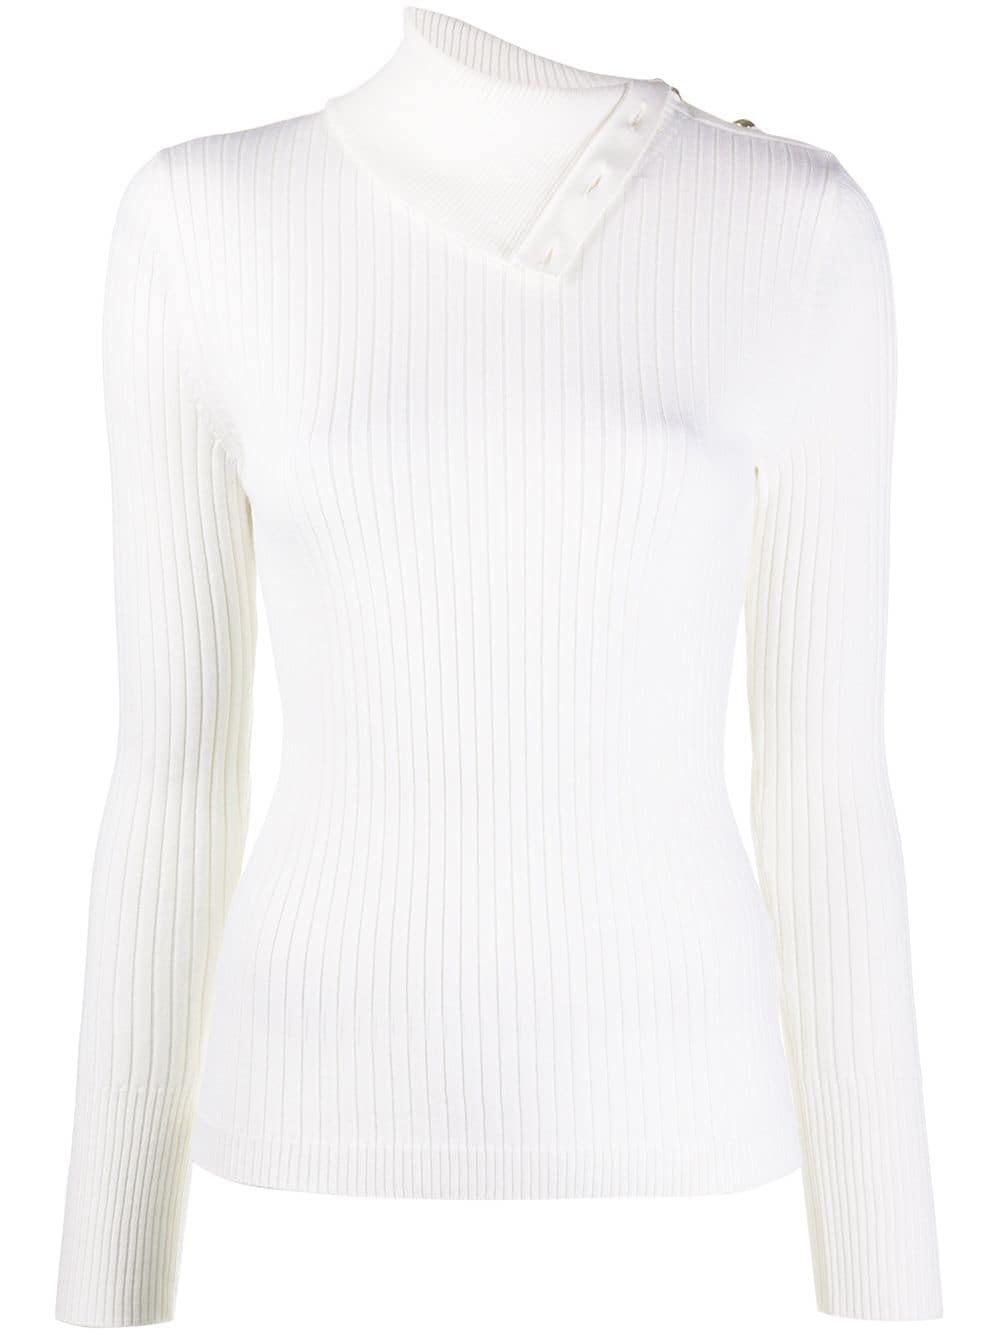 BARENA VENEZIA Foldover Collar Ribbed-Knit Top